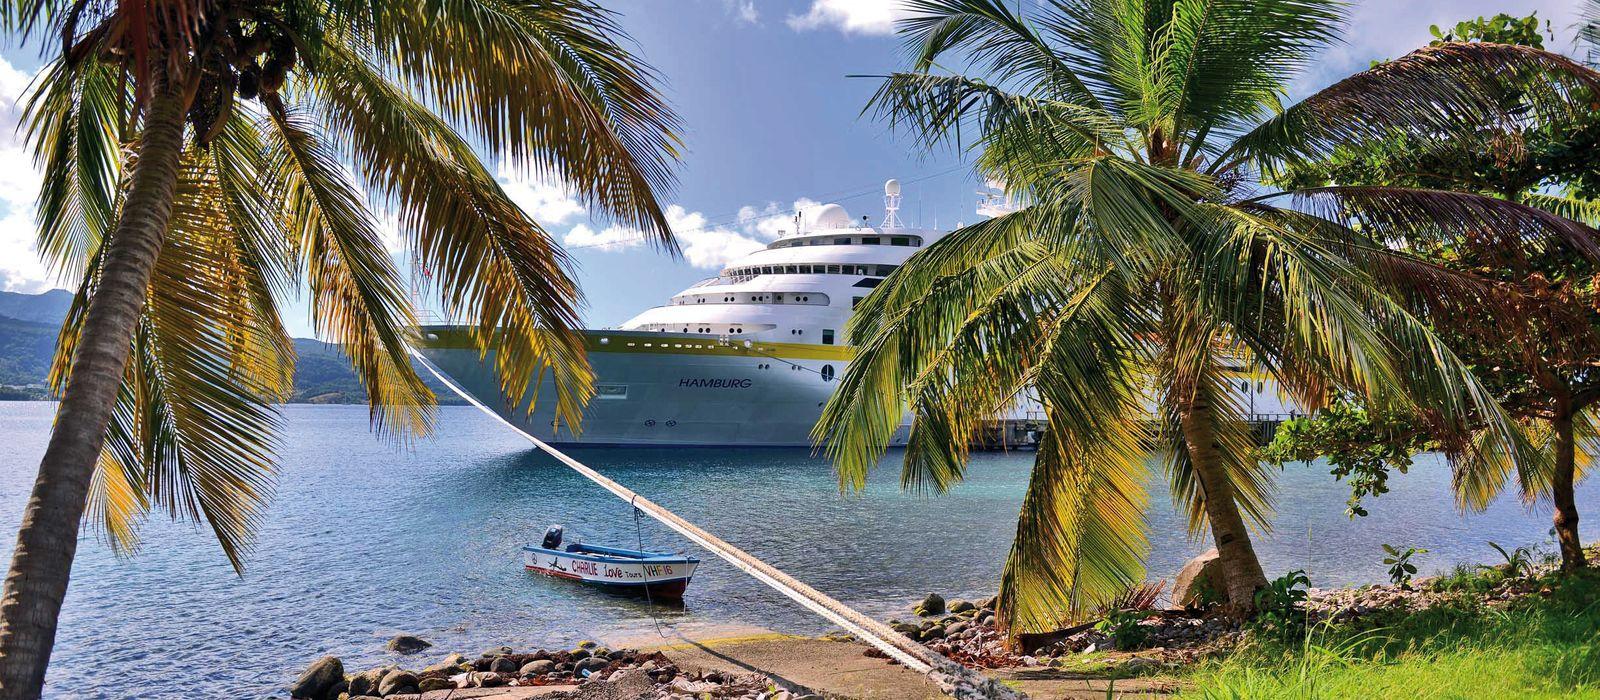 Die MS Hamburg im Cabrits National Park, Dominica